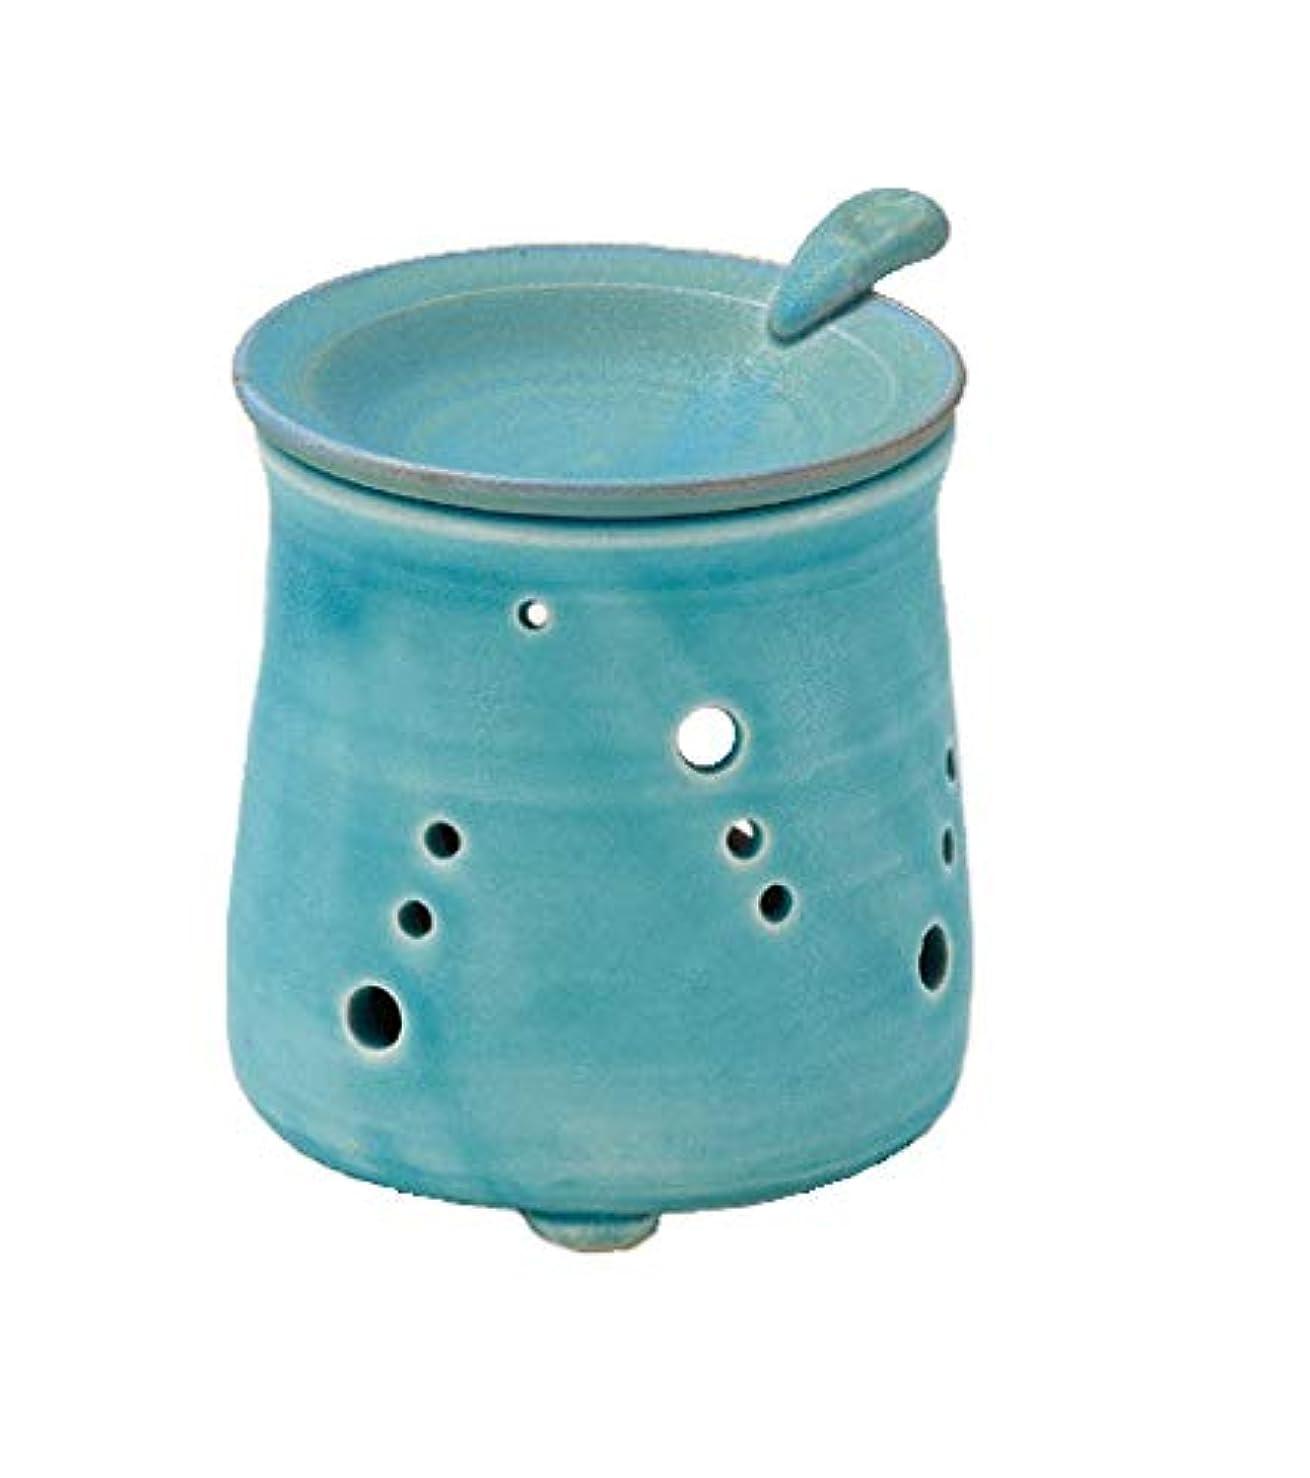 融合加速度直接ヤマキイカイ(Yamakiikai) 置物 ブルー 径9.5cm 山田トルコブルー 茶香炉 L1616